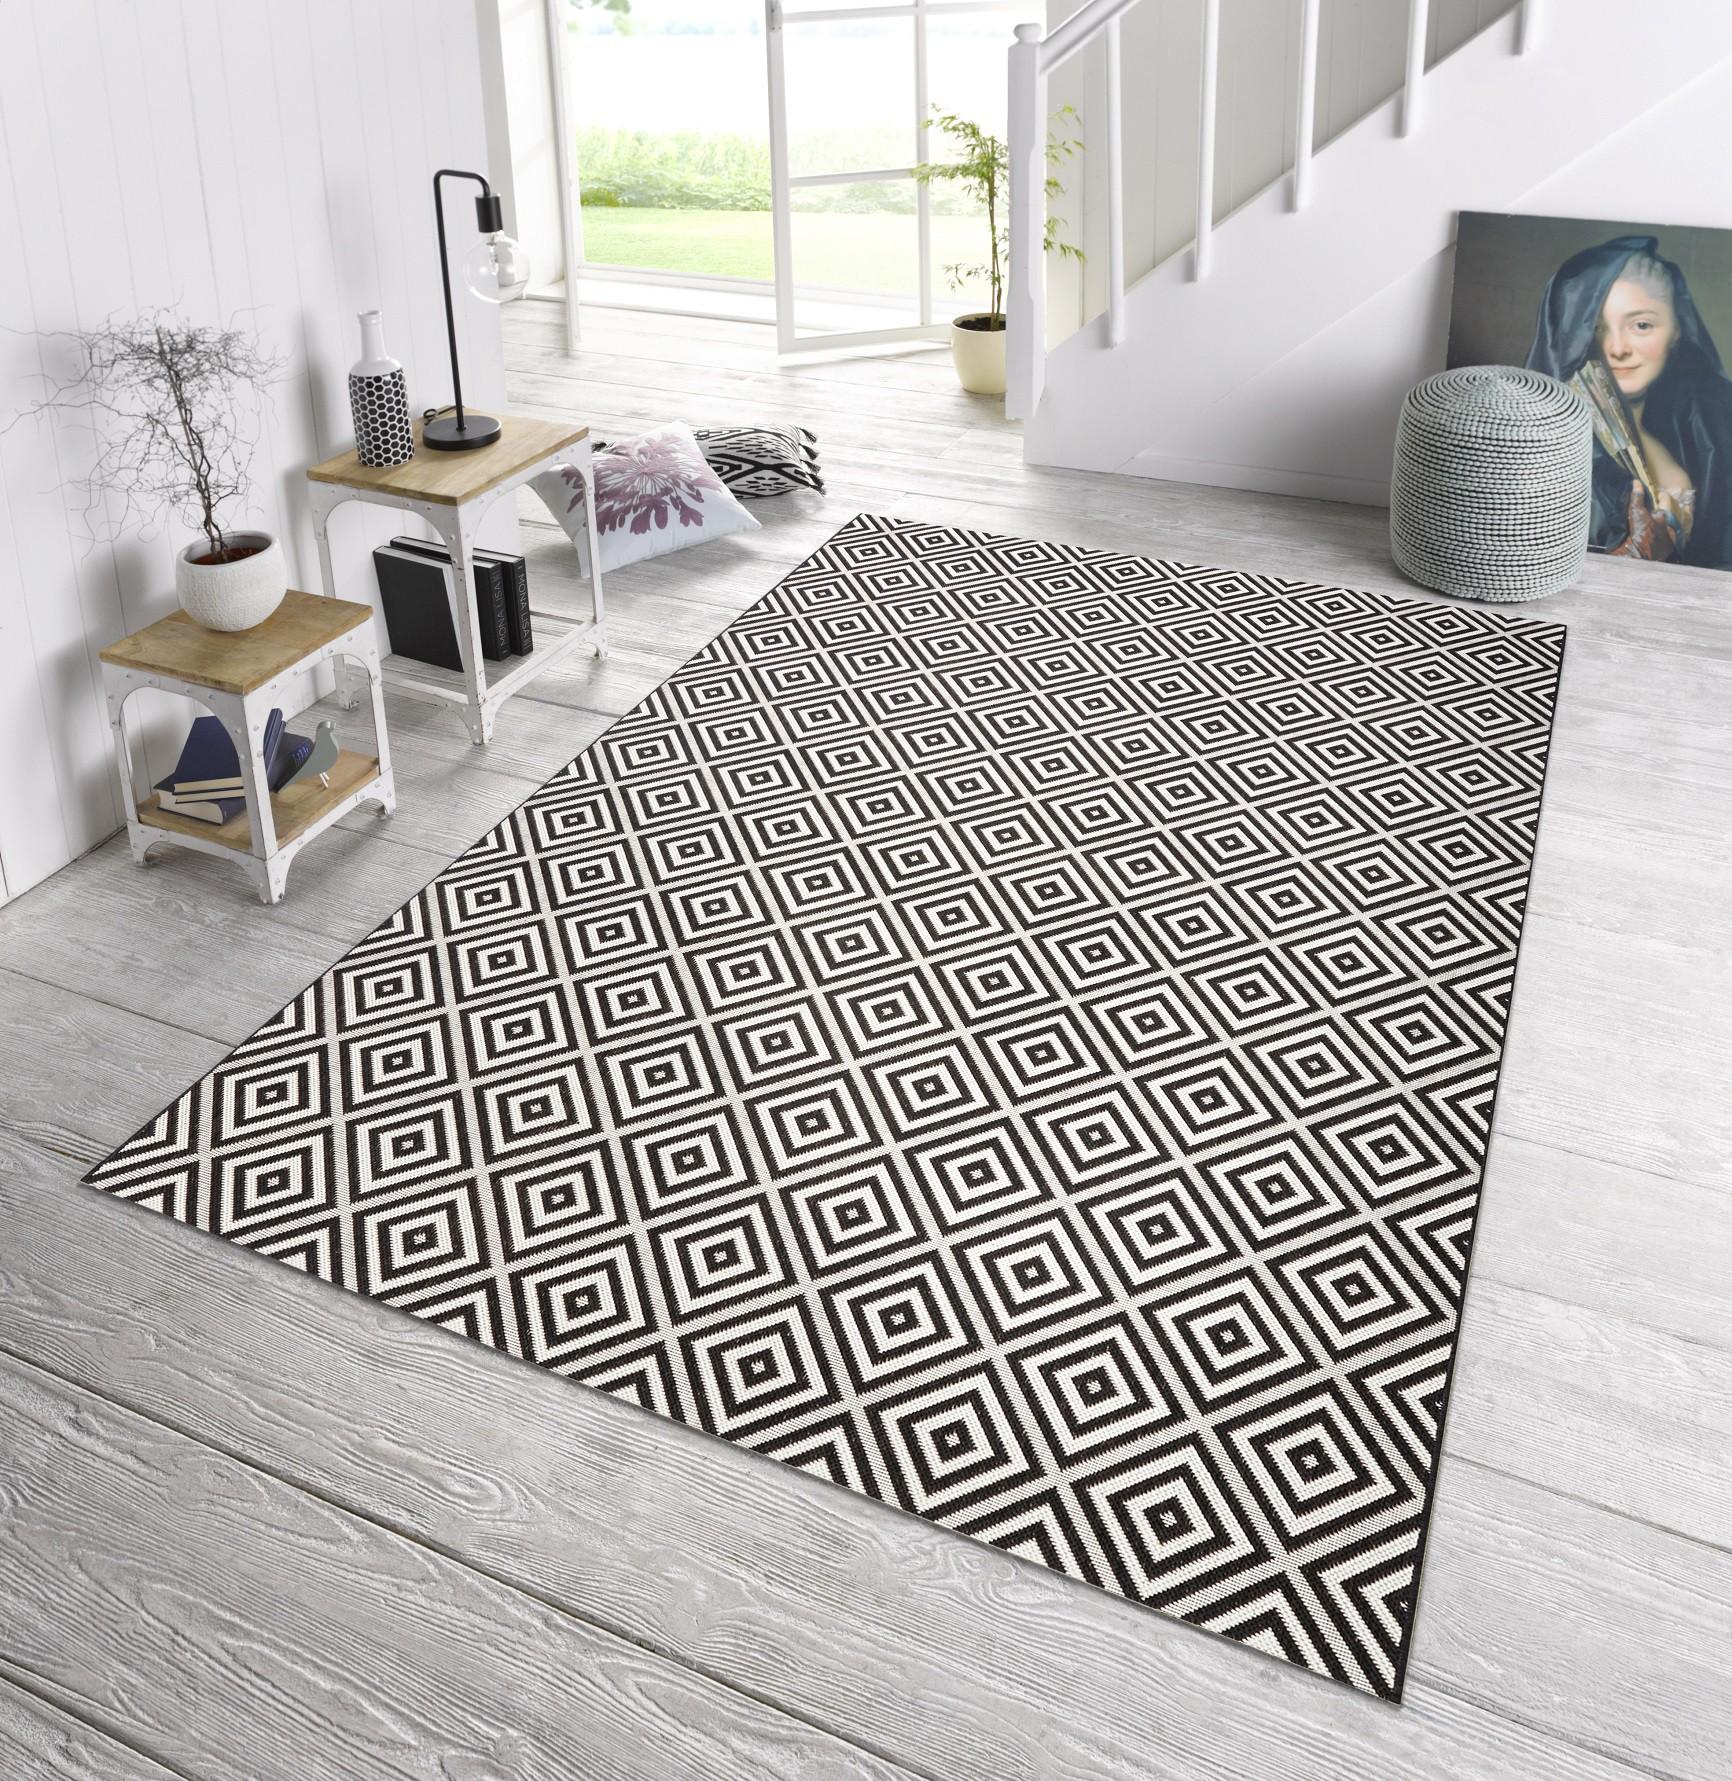 Teppiche Designer in outdoor design teppich terrasse wintergarten 160 x 230 cm karo